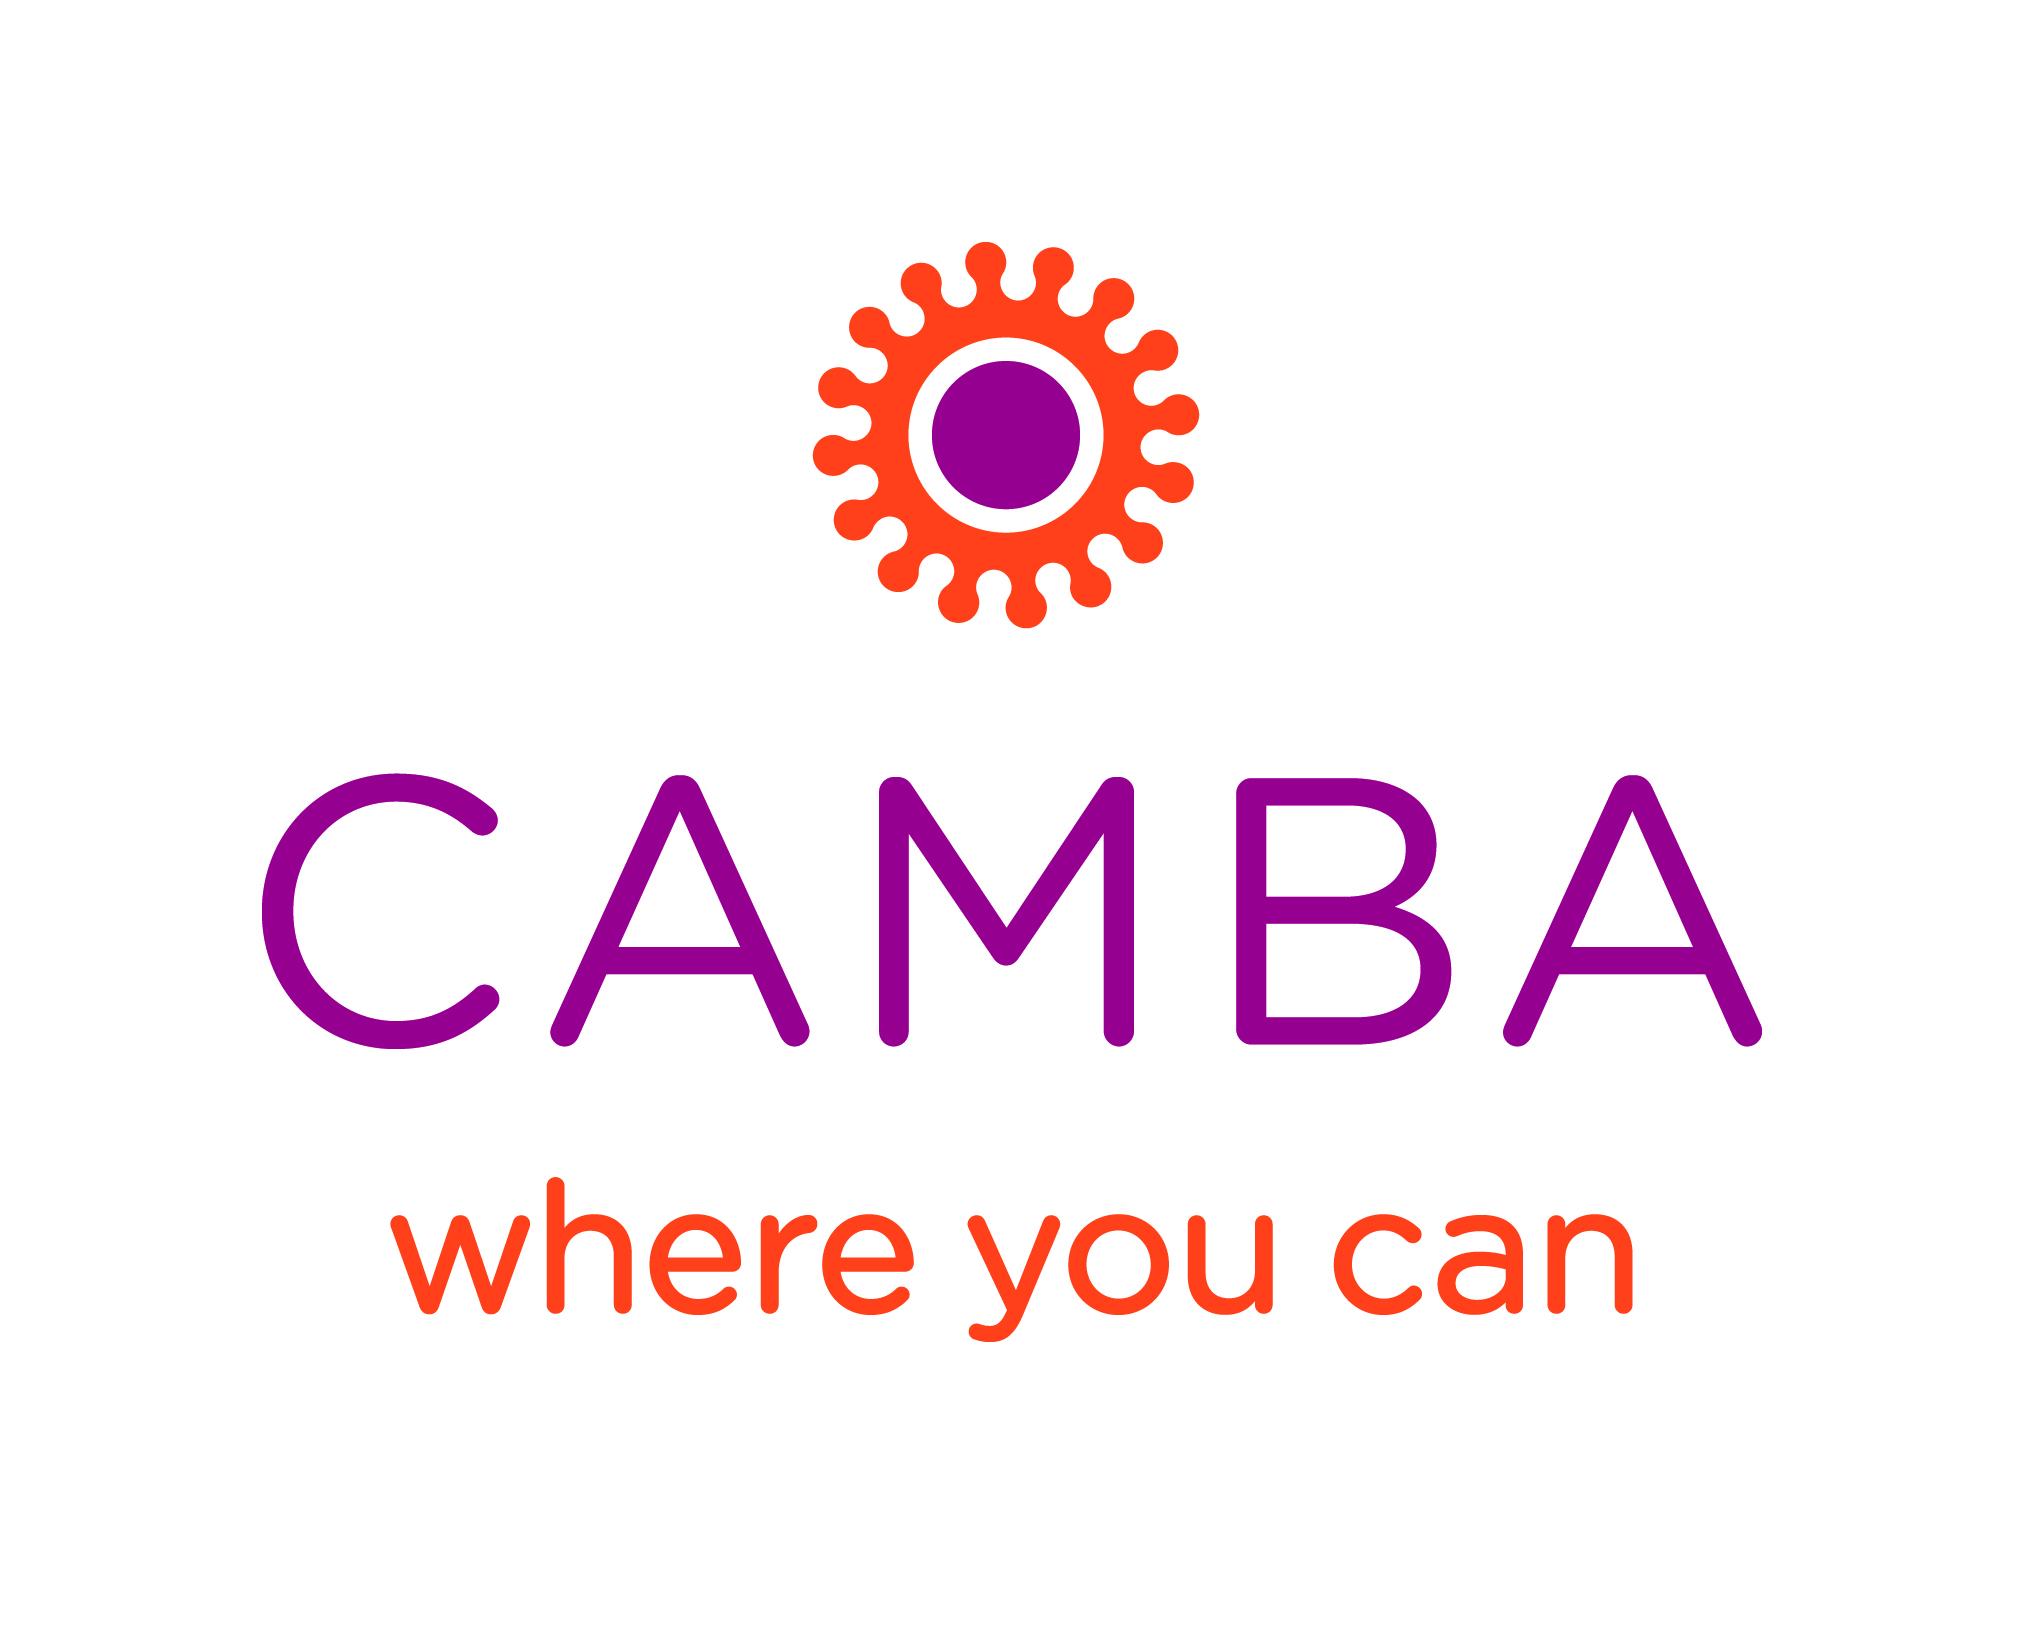 camba-logo_high-res.jpg